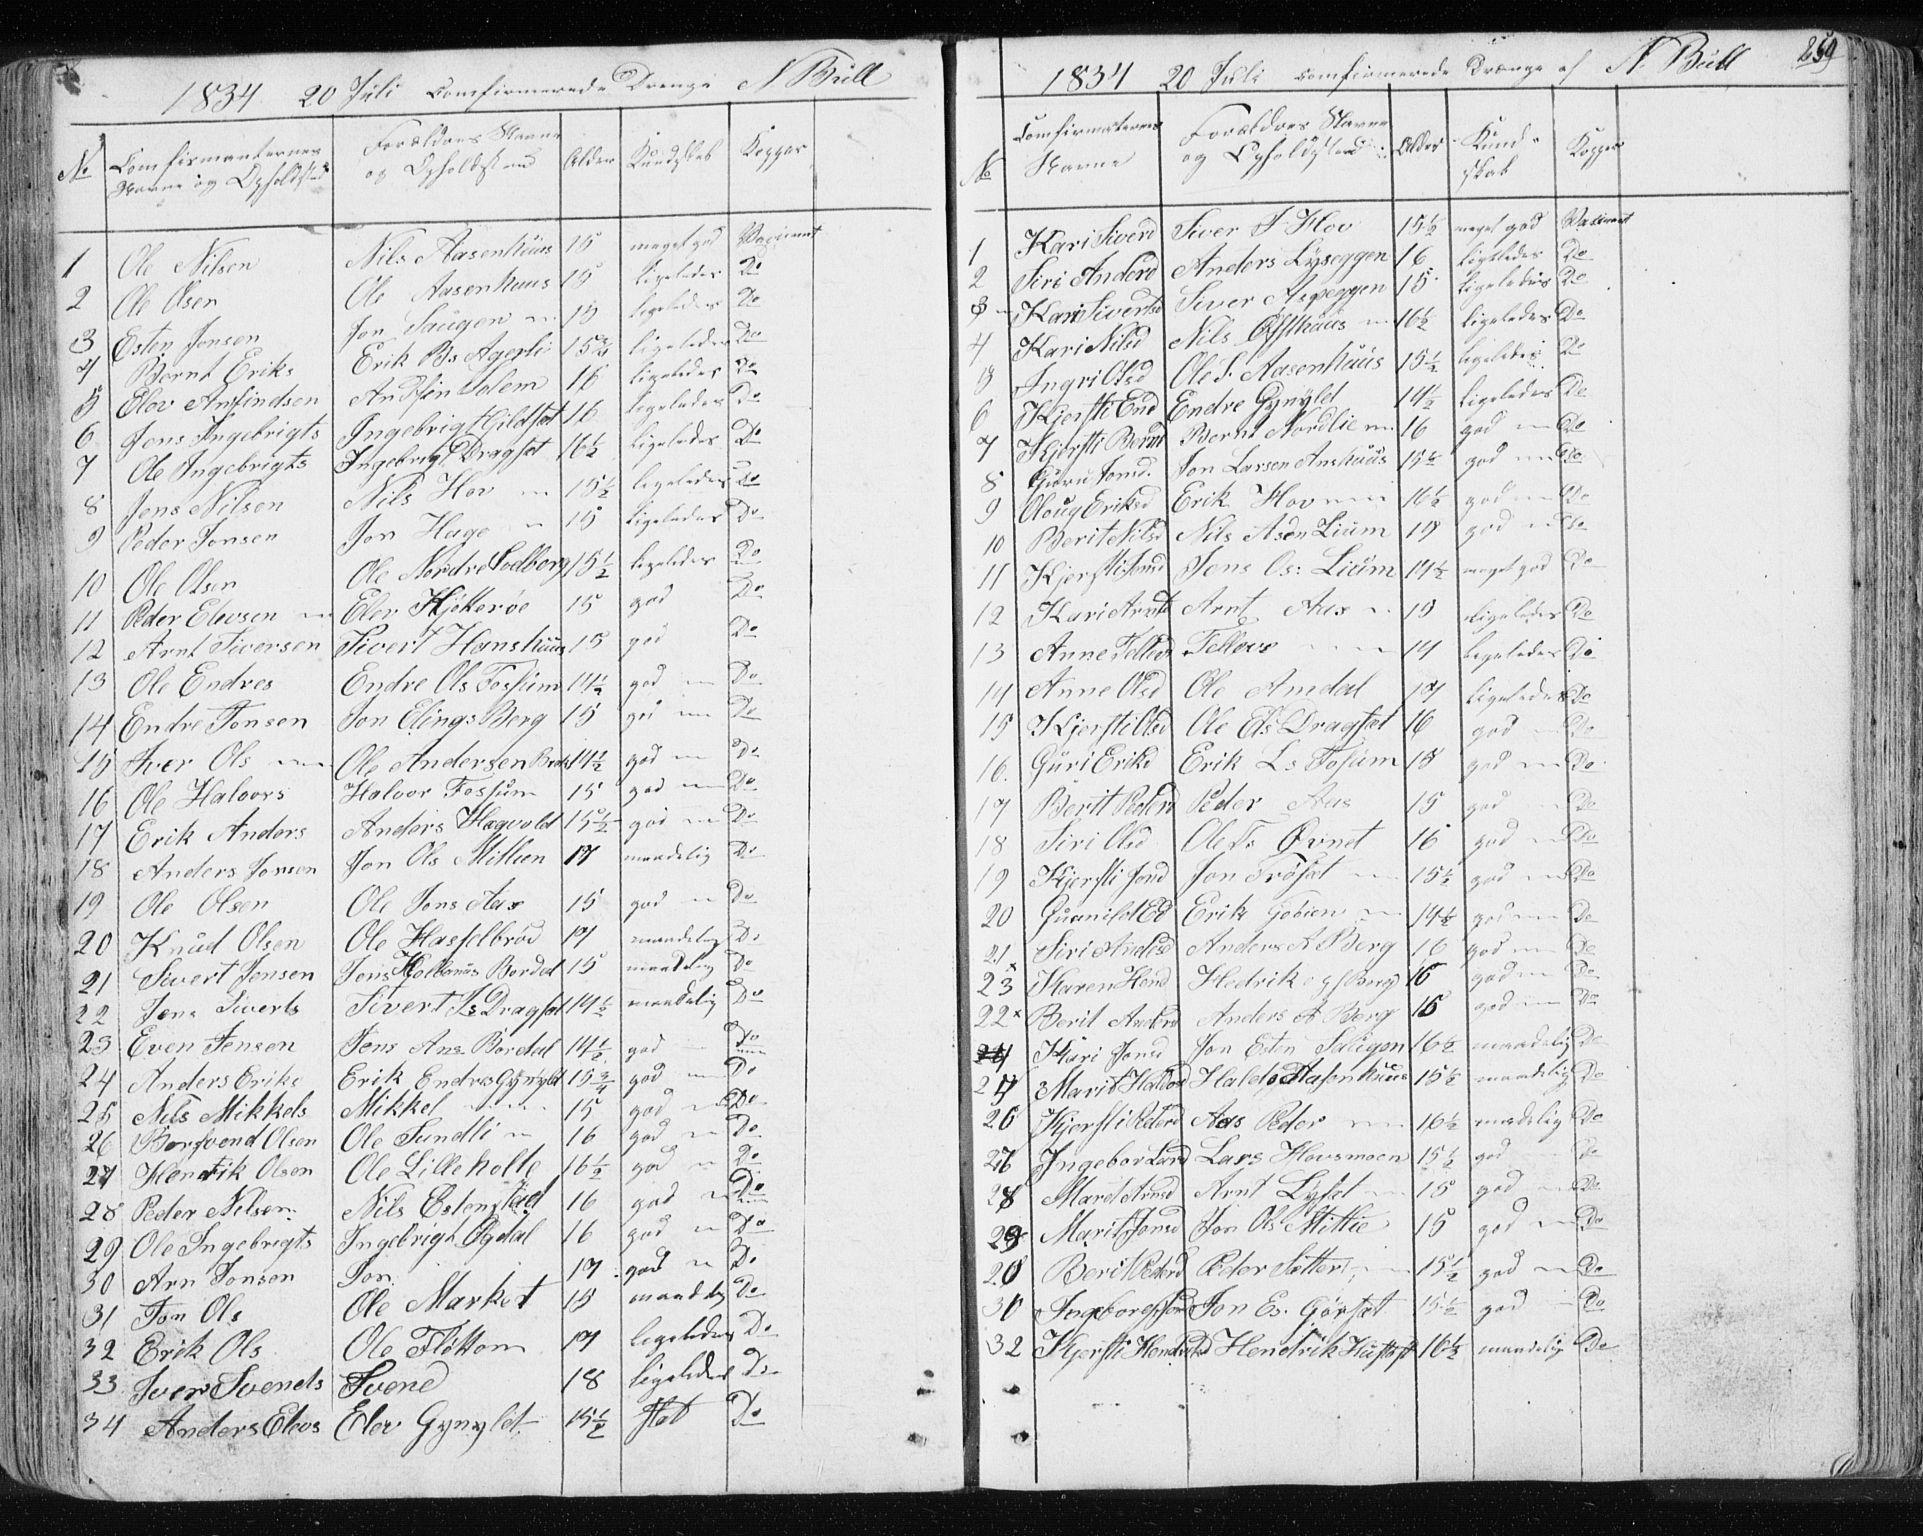 SAT, Ministerialprotokoller, klokkerbøker og fødselsregistre - Sør-Trøndelag, 689/L1043: Klokkerbok nr. 689C02, 1816-1892, s. 259